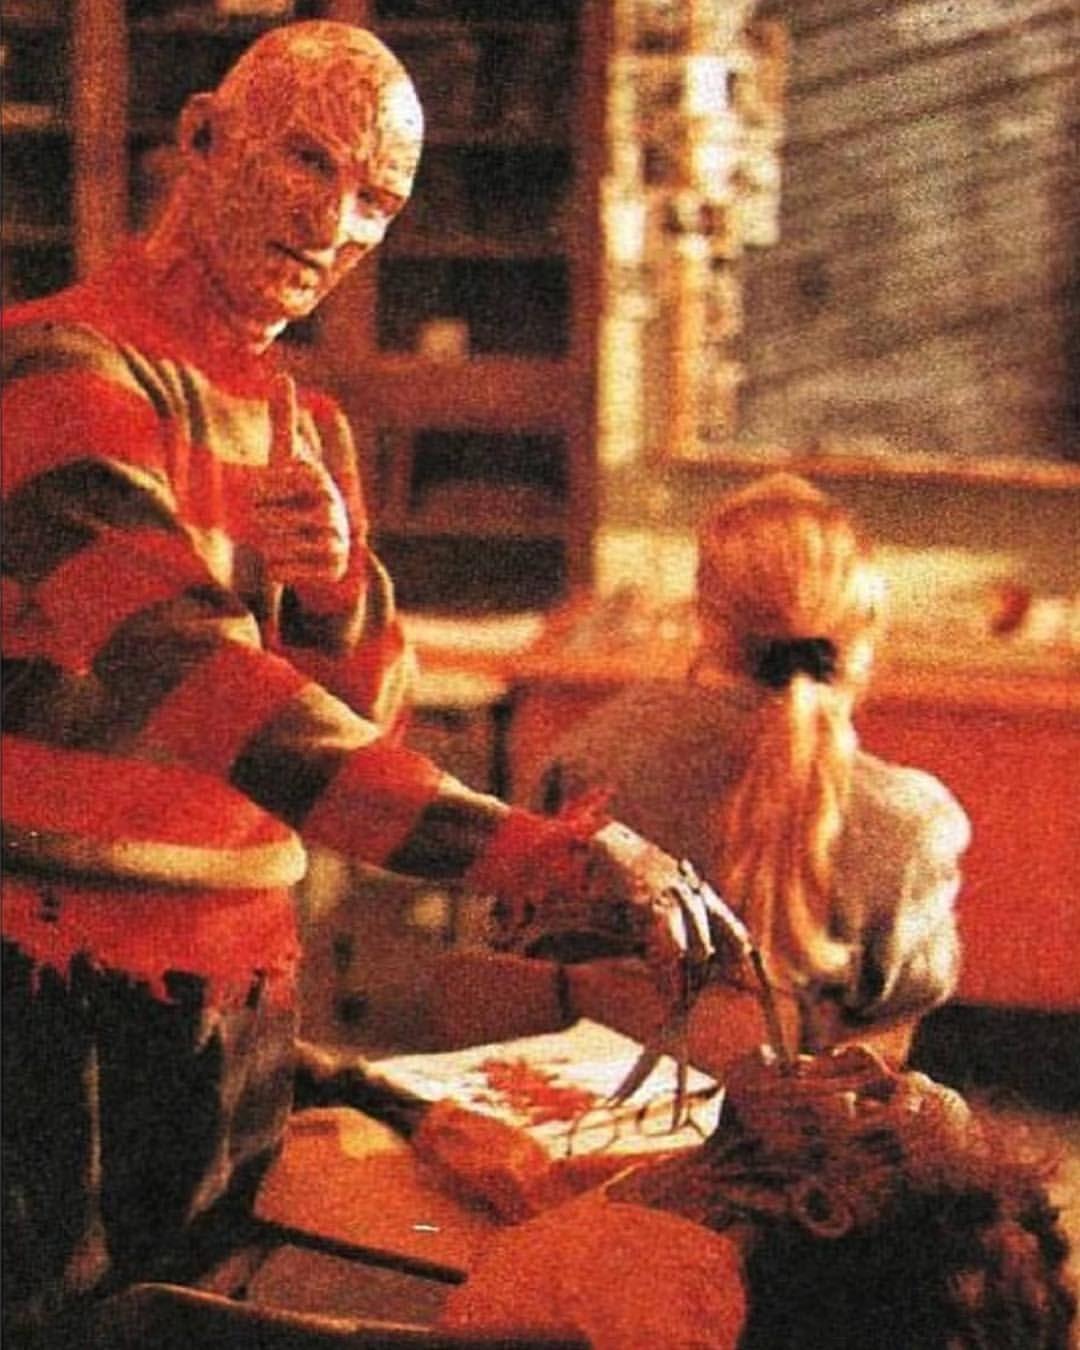 Behind The Scenes Of A Nightmare On Elm Street 4 Horror Movie